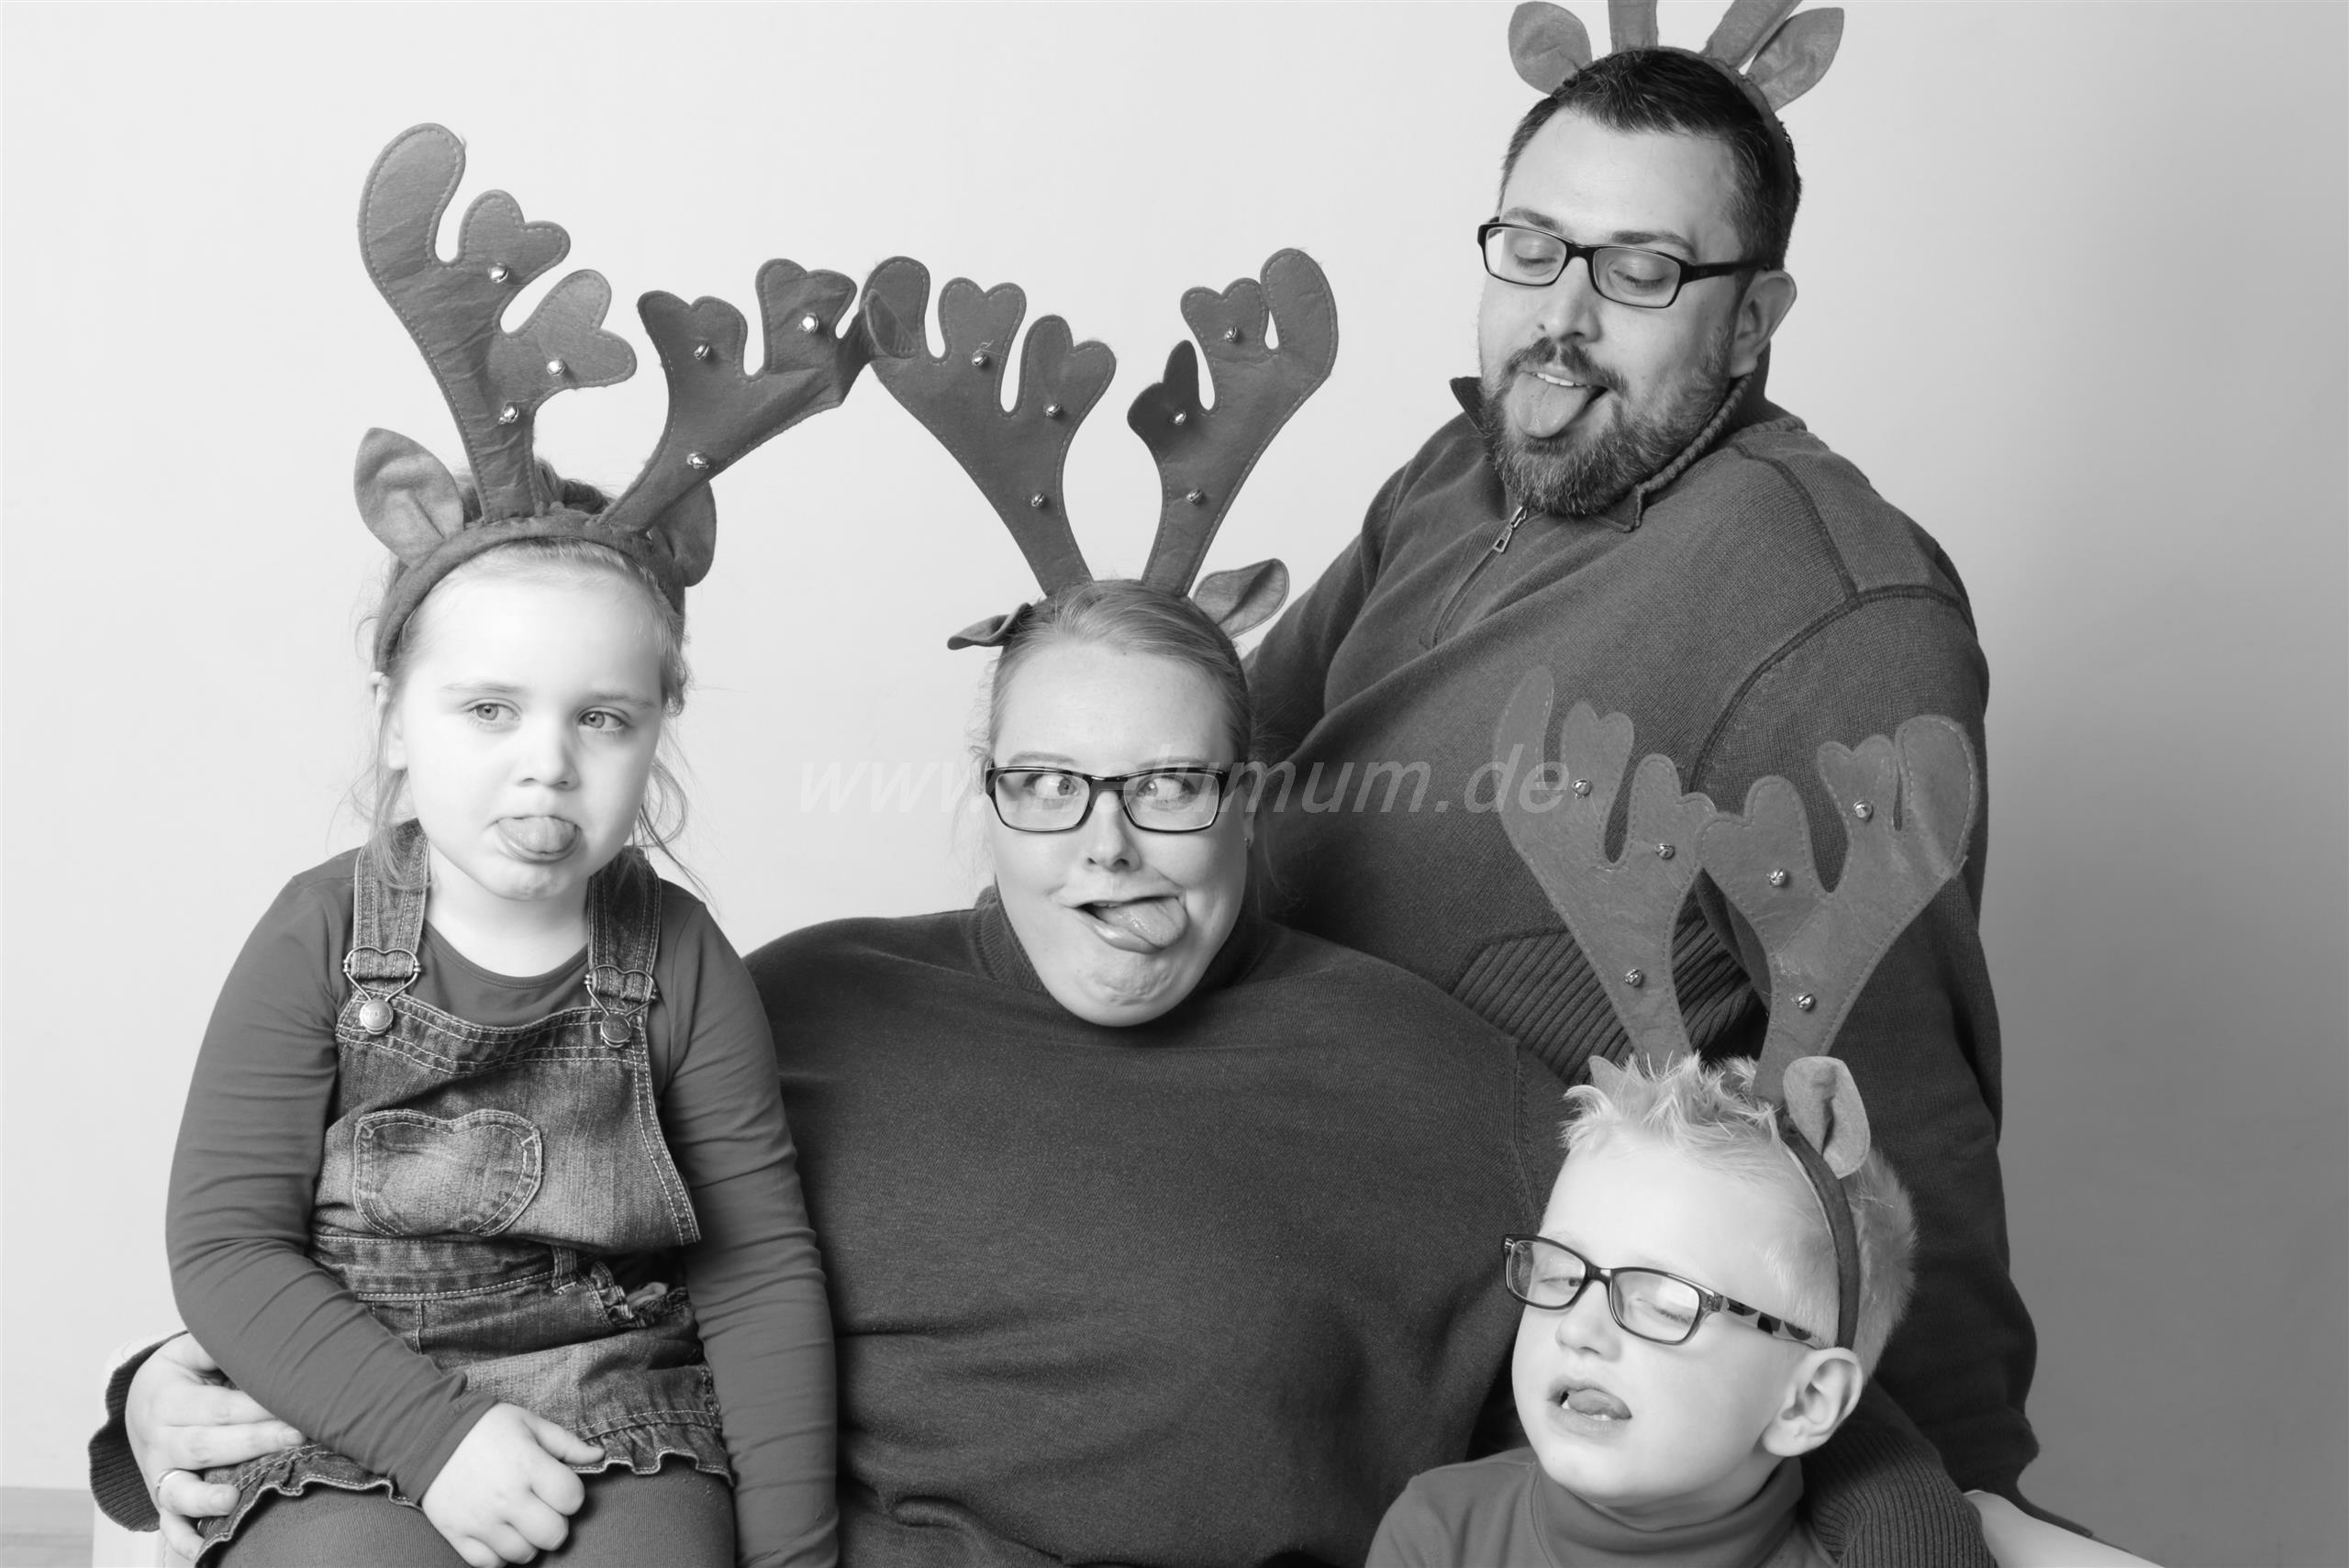 blogparade weihnachten mit kind so feiern wir nelumum. Black Bedroom Furniture Sets. Home Design Ideas